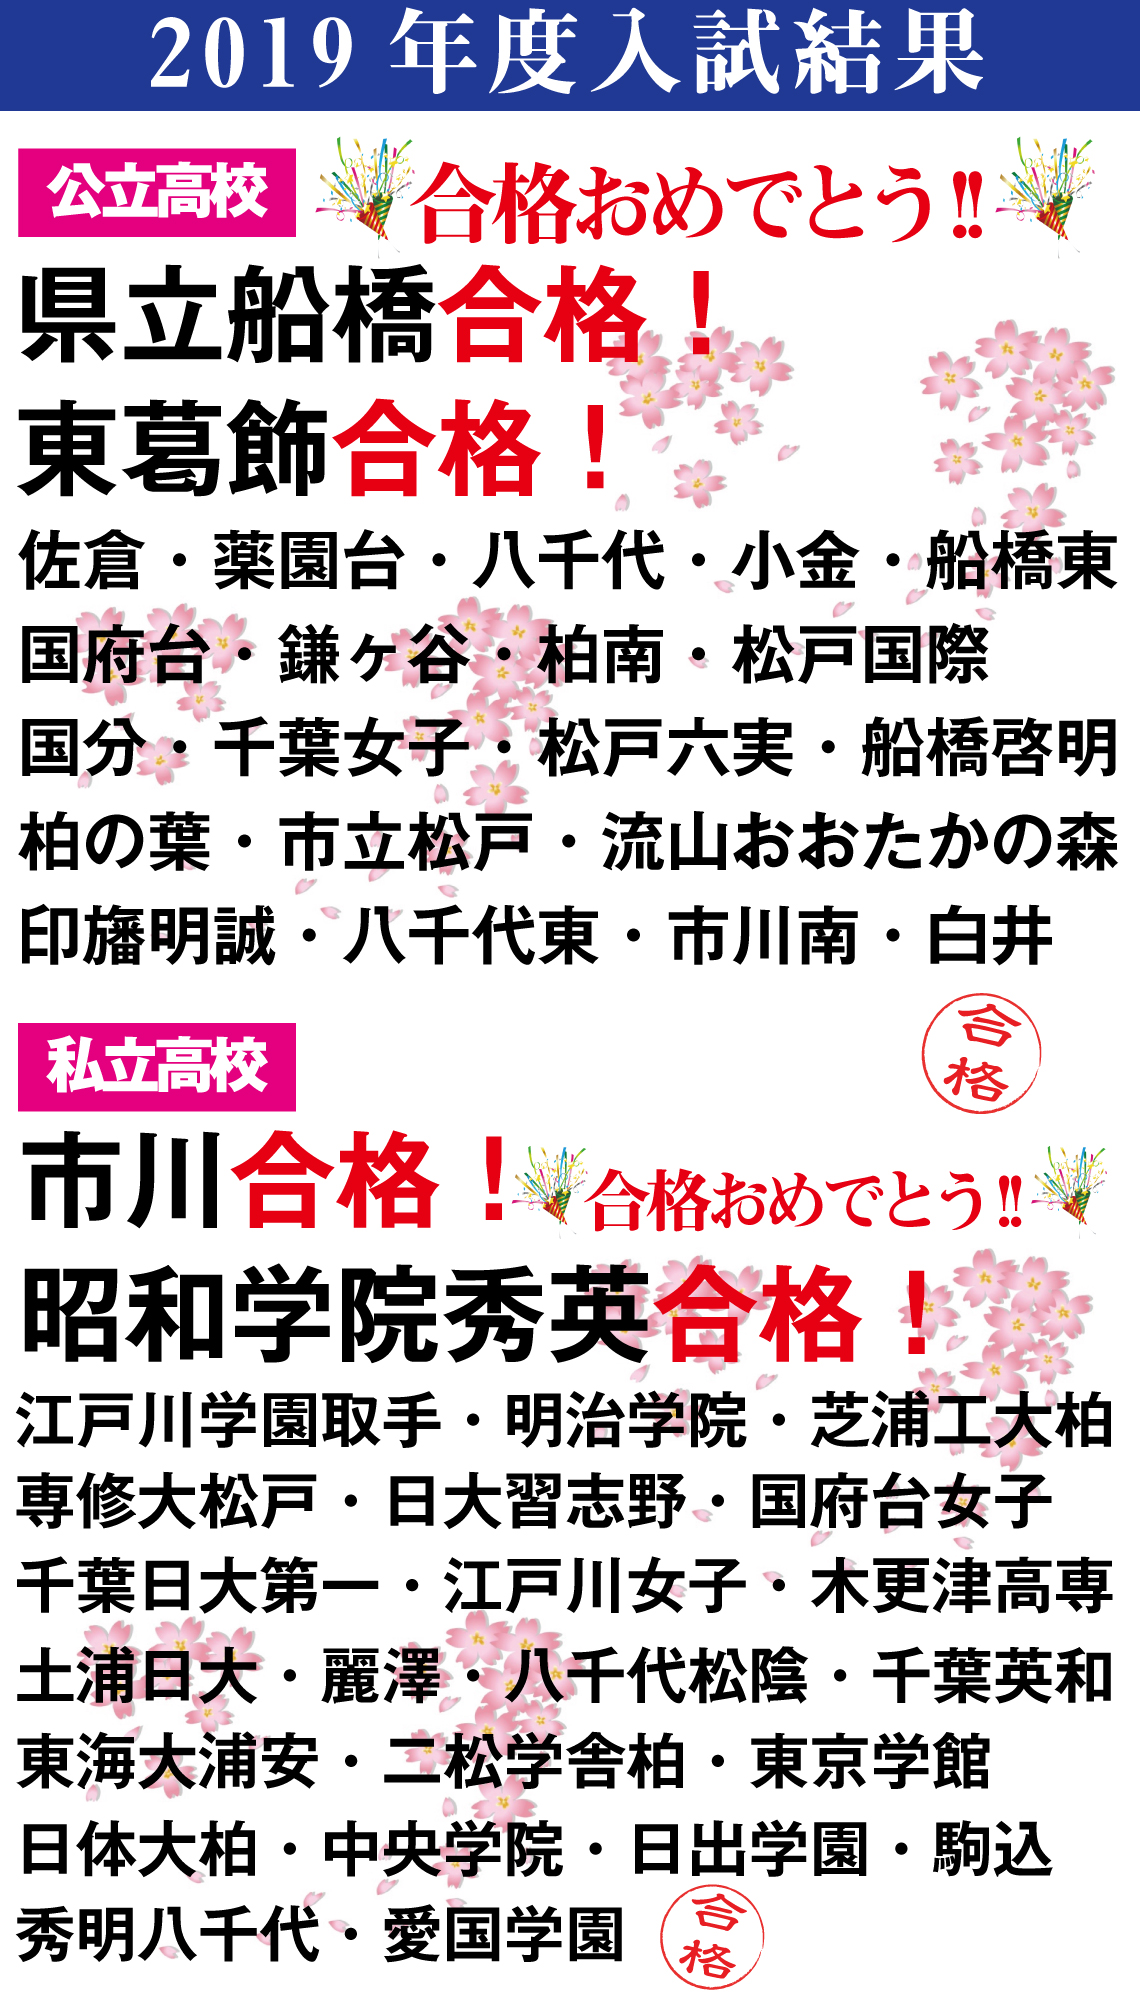 2015image_gokaku.head